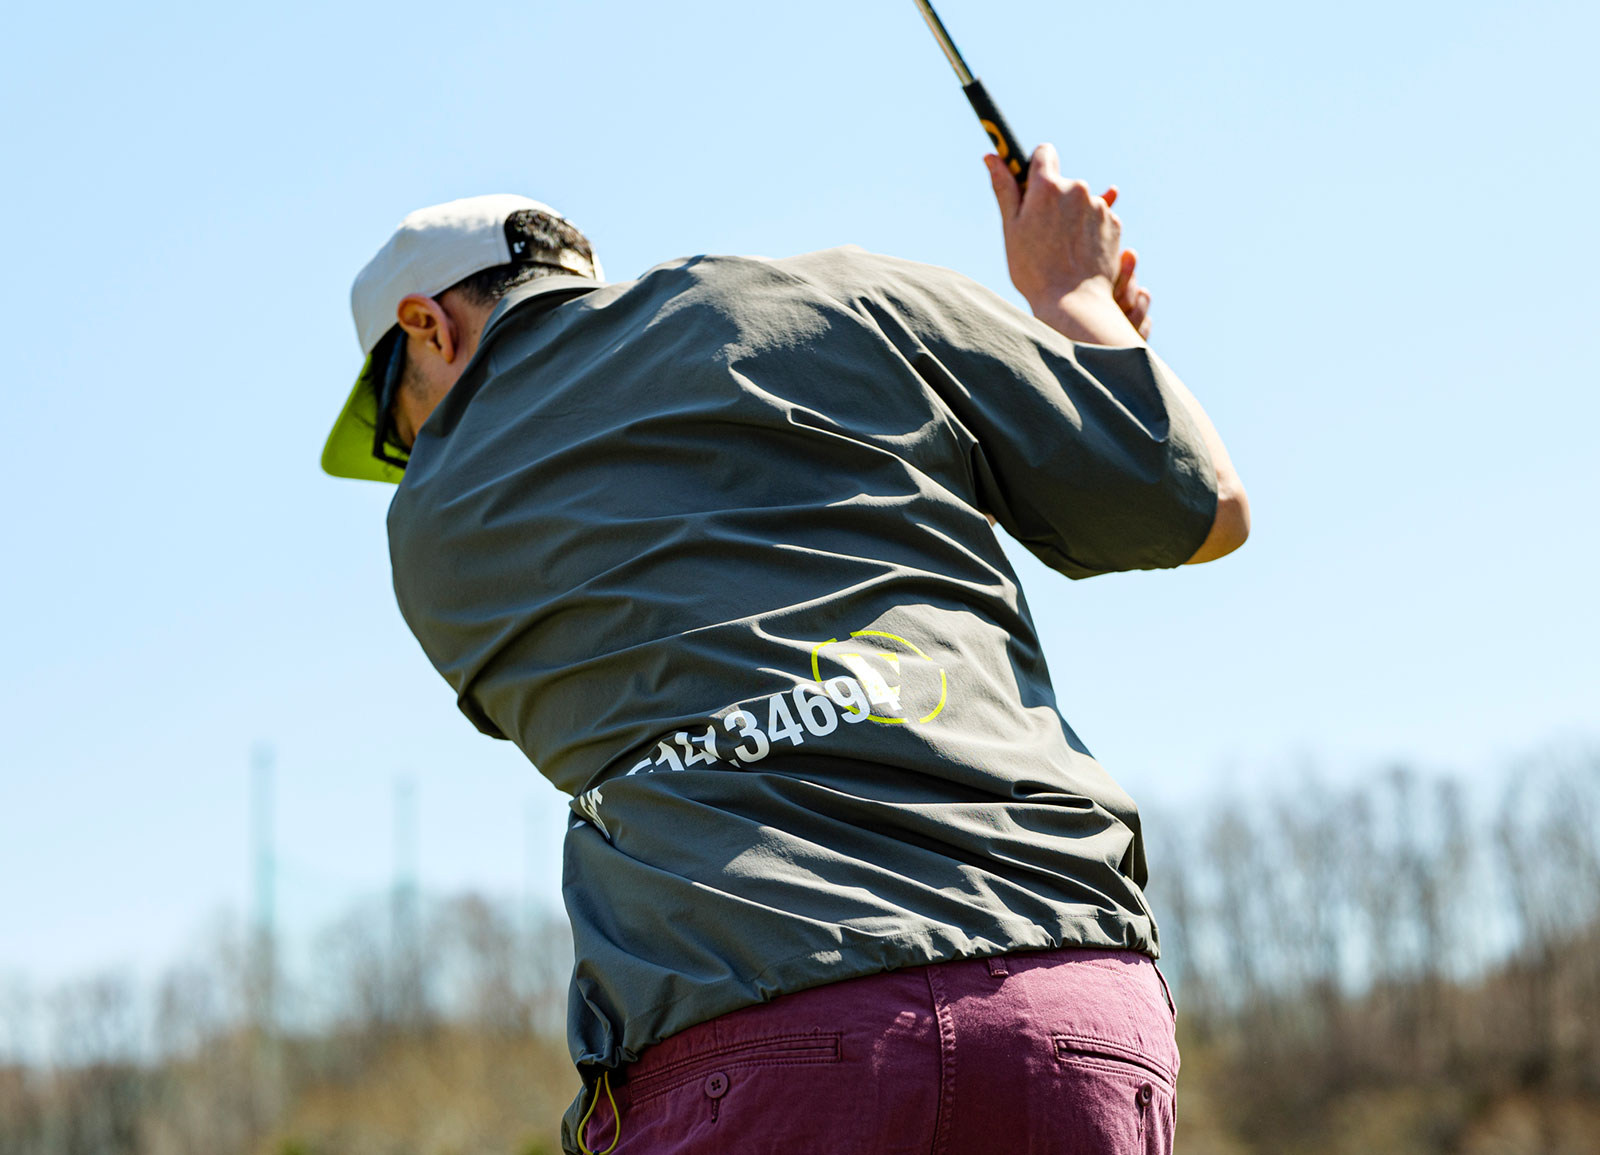 オンコースから日常まで。バーサタイルに着回せる新提案のゴルフウェア。